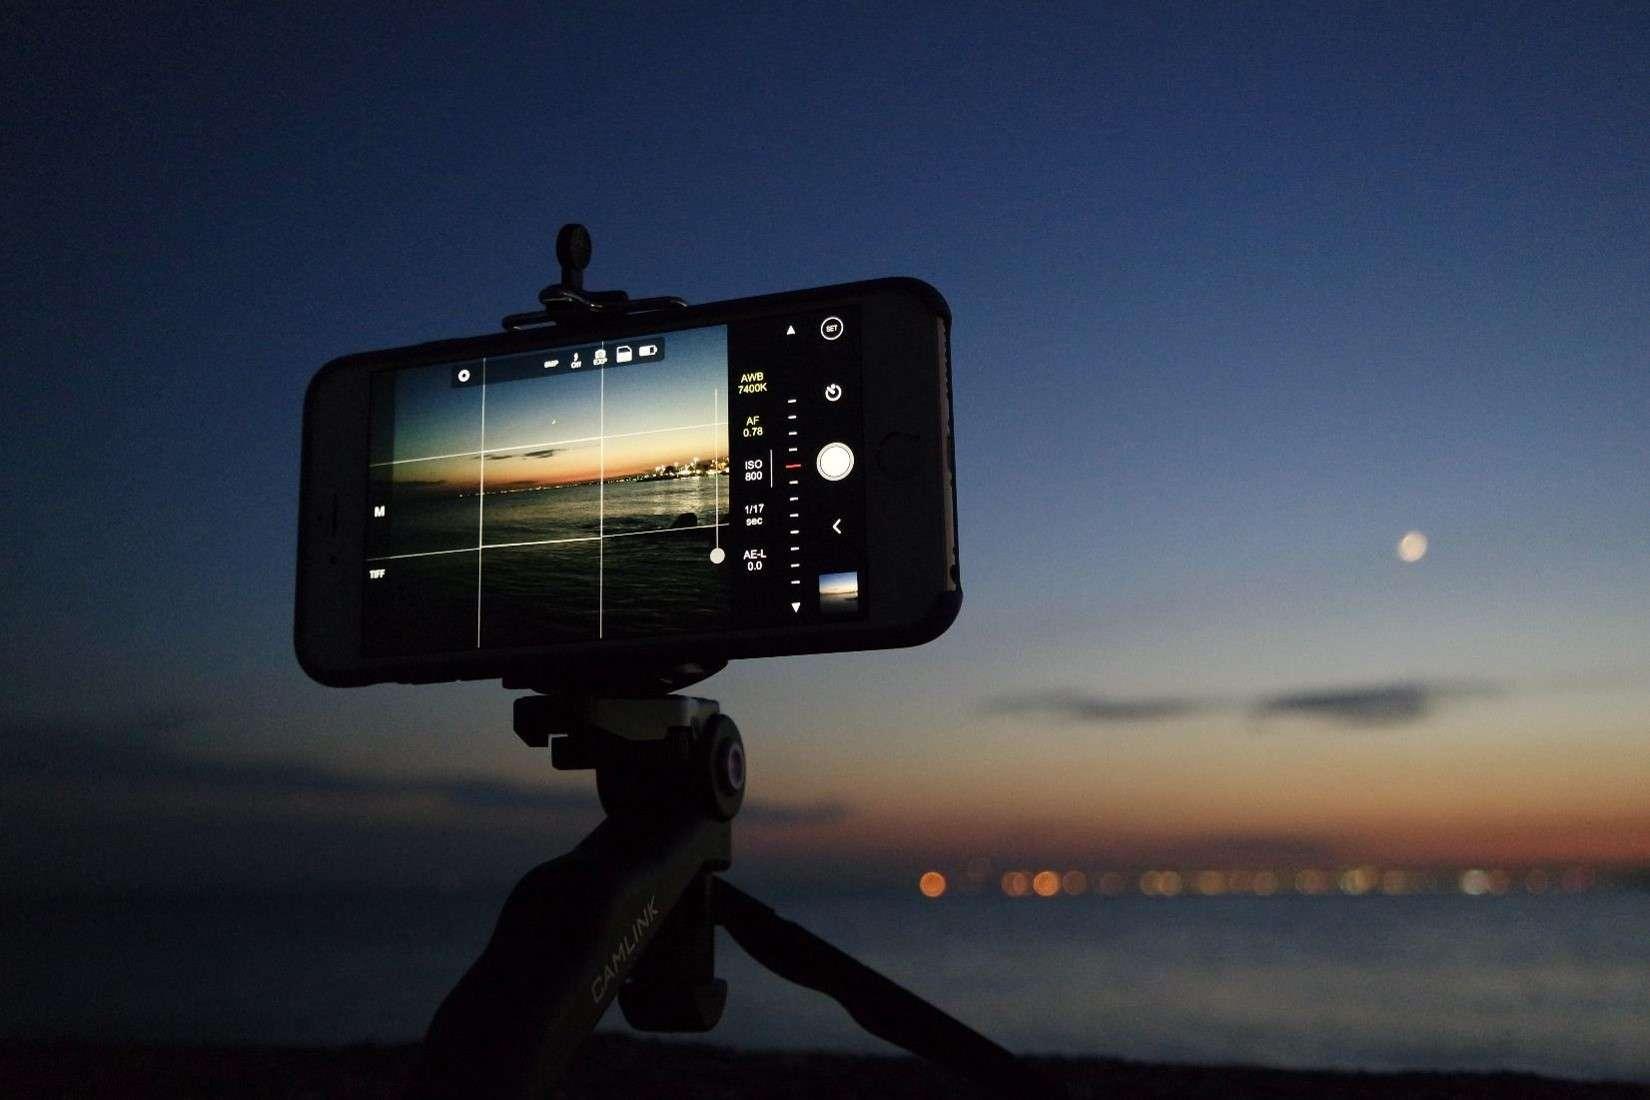 Kỹ thuật chụp ảnh bằng điện thoại